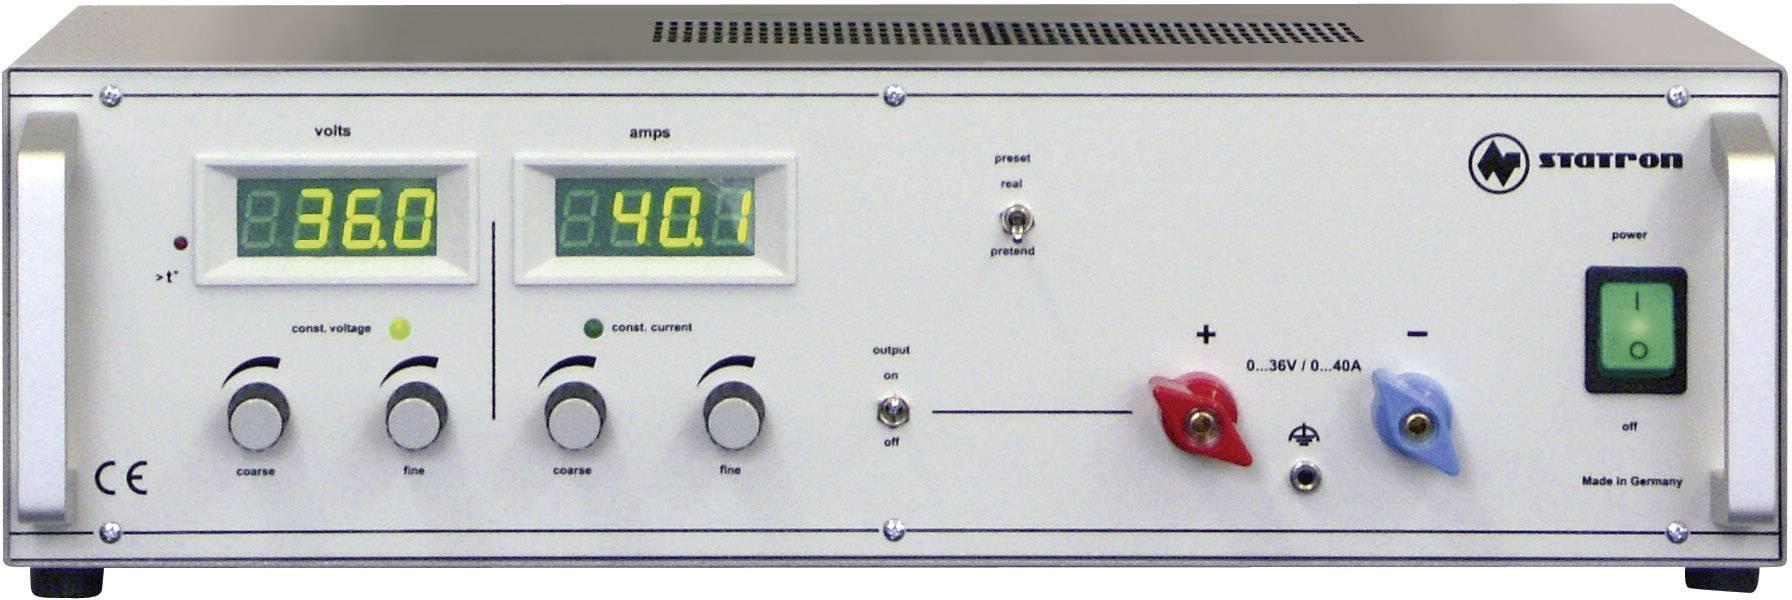 Lineárny laboratórny zdroj Straton 3256.1, 0 - 36 V, 0 - 40 A